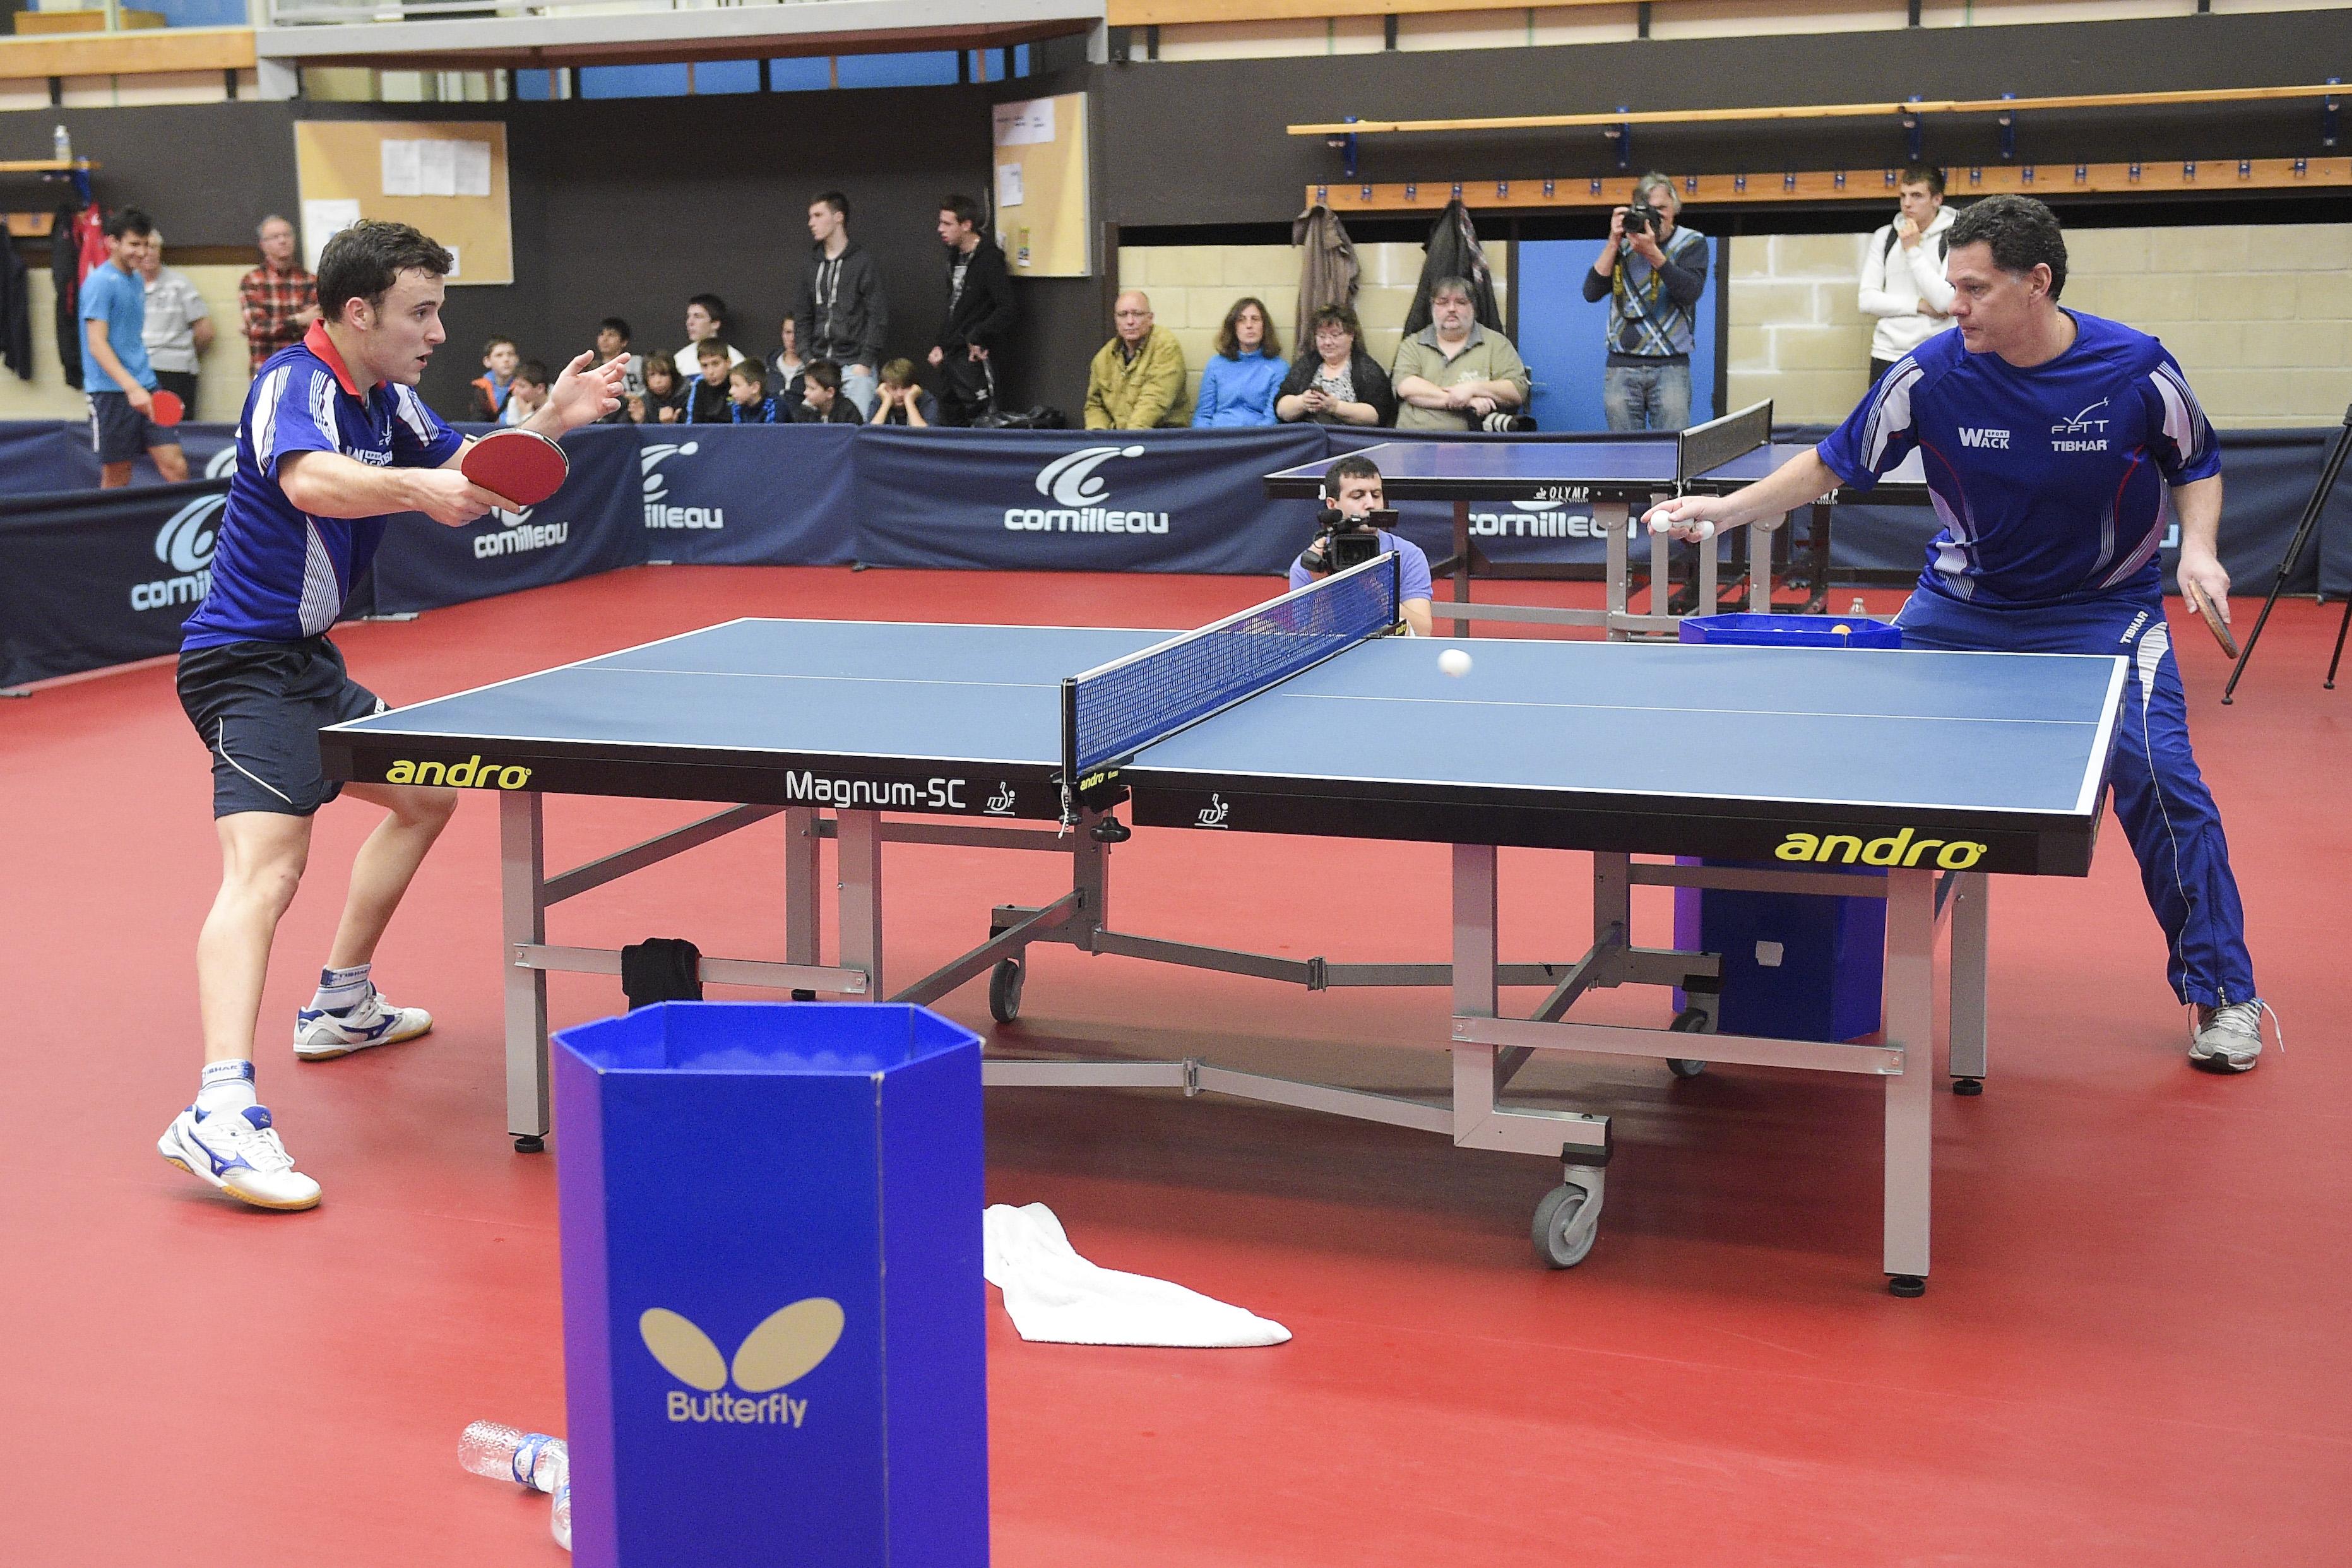 Le tennis de table fran ais l heure du renouveau rio - Table tennis de table exterieur ...